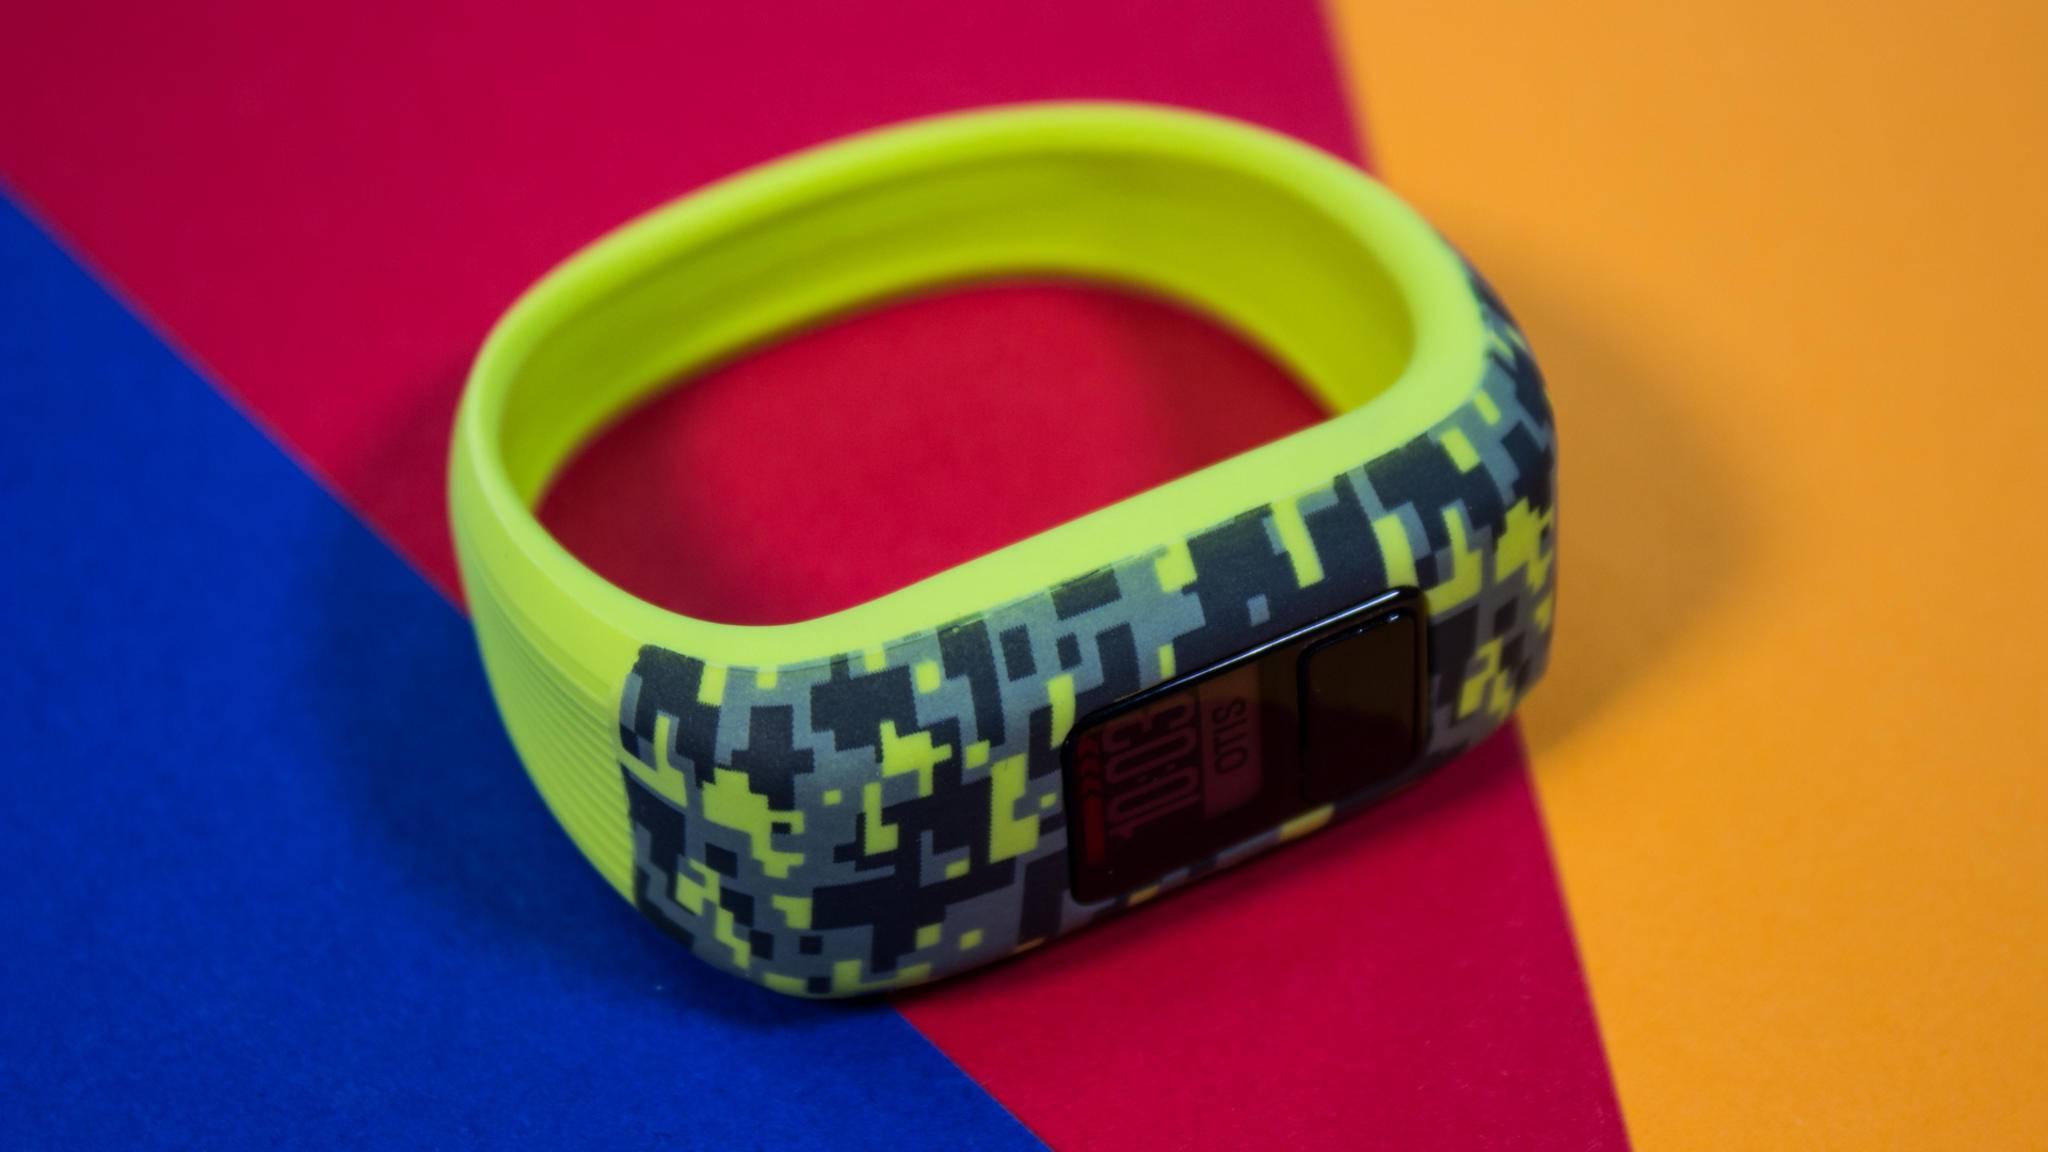 Armbänder sind in verschiedenen Farben erhältlich.